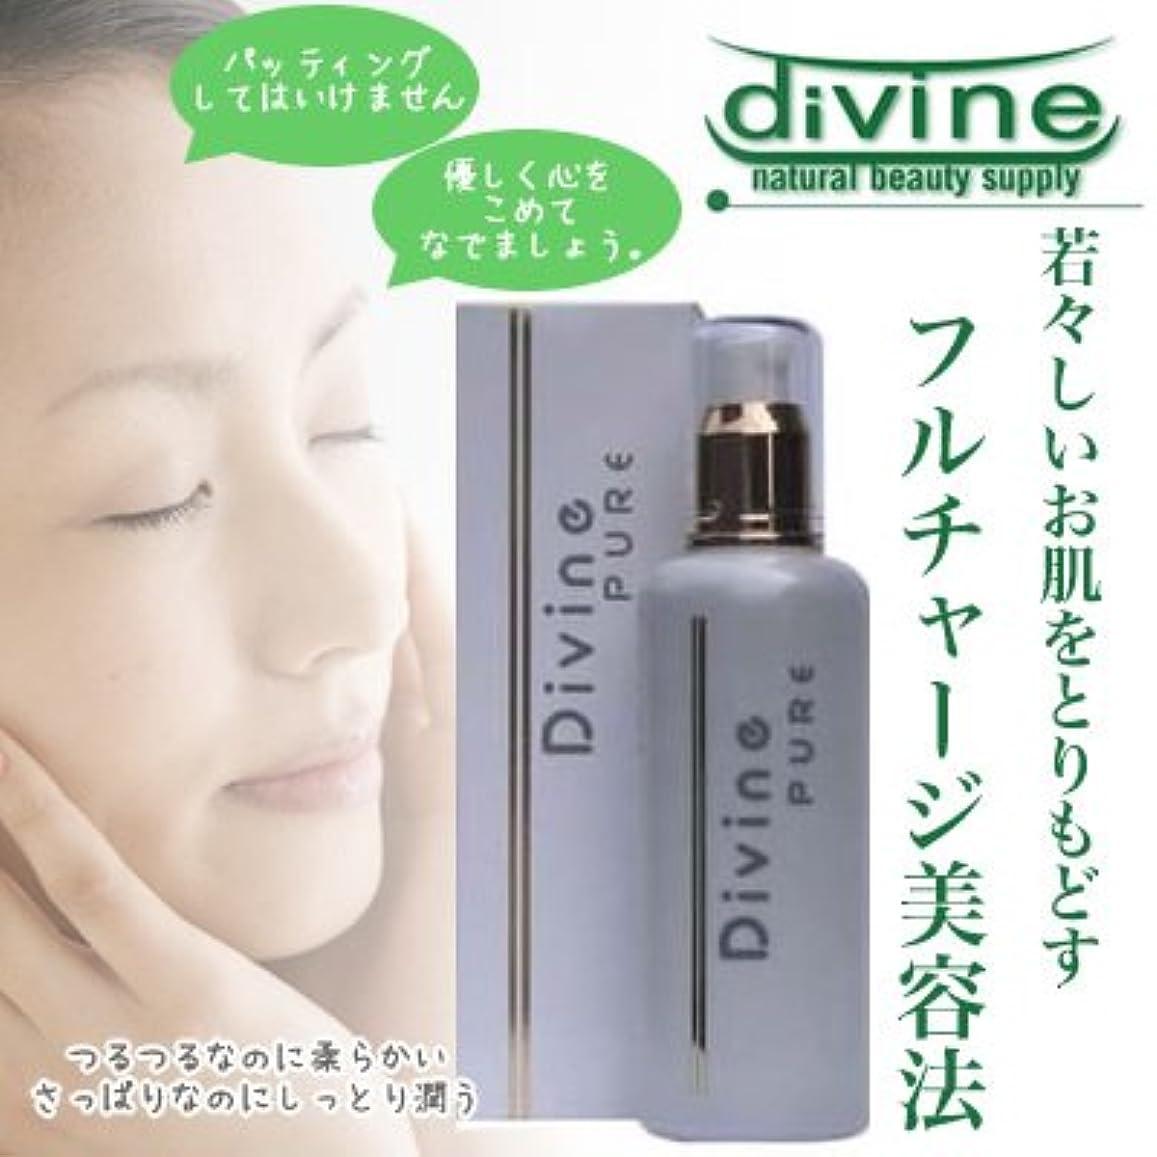 ディバイン「ピュア」 潤肌化粧水 200ml